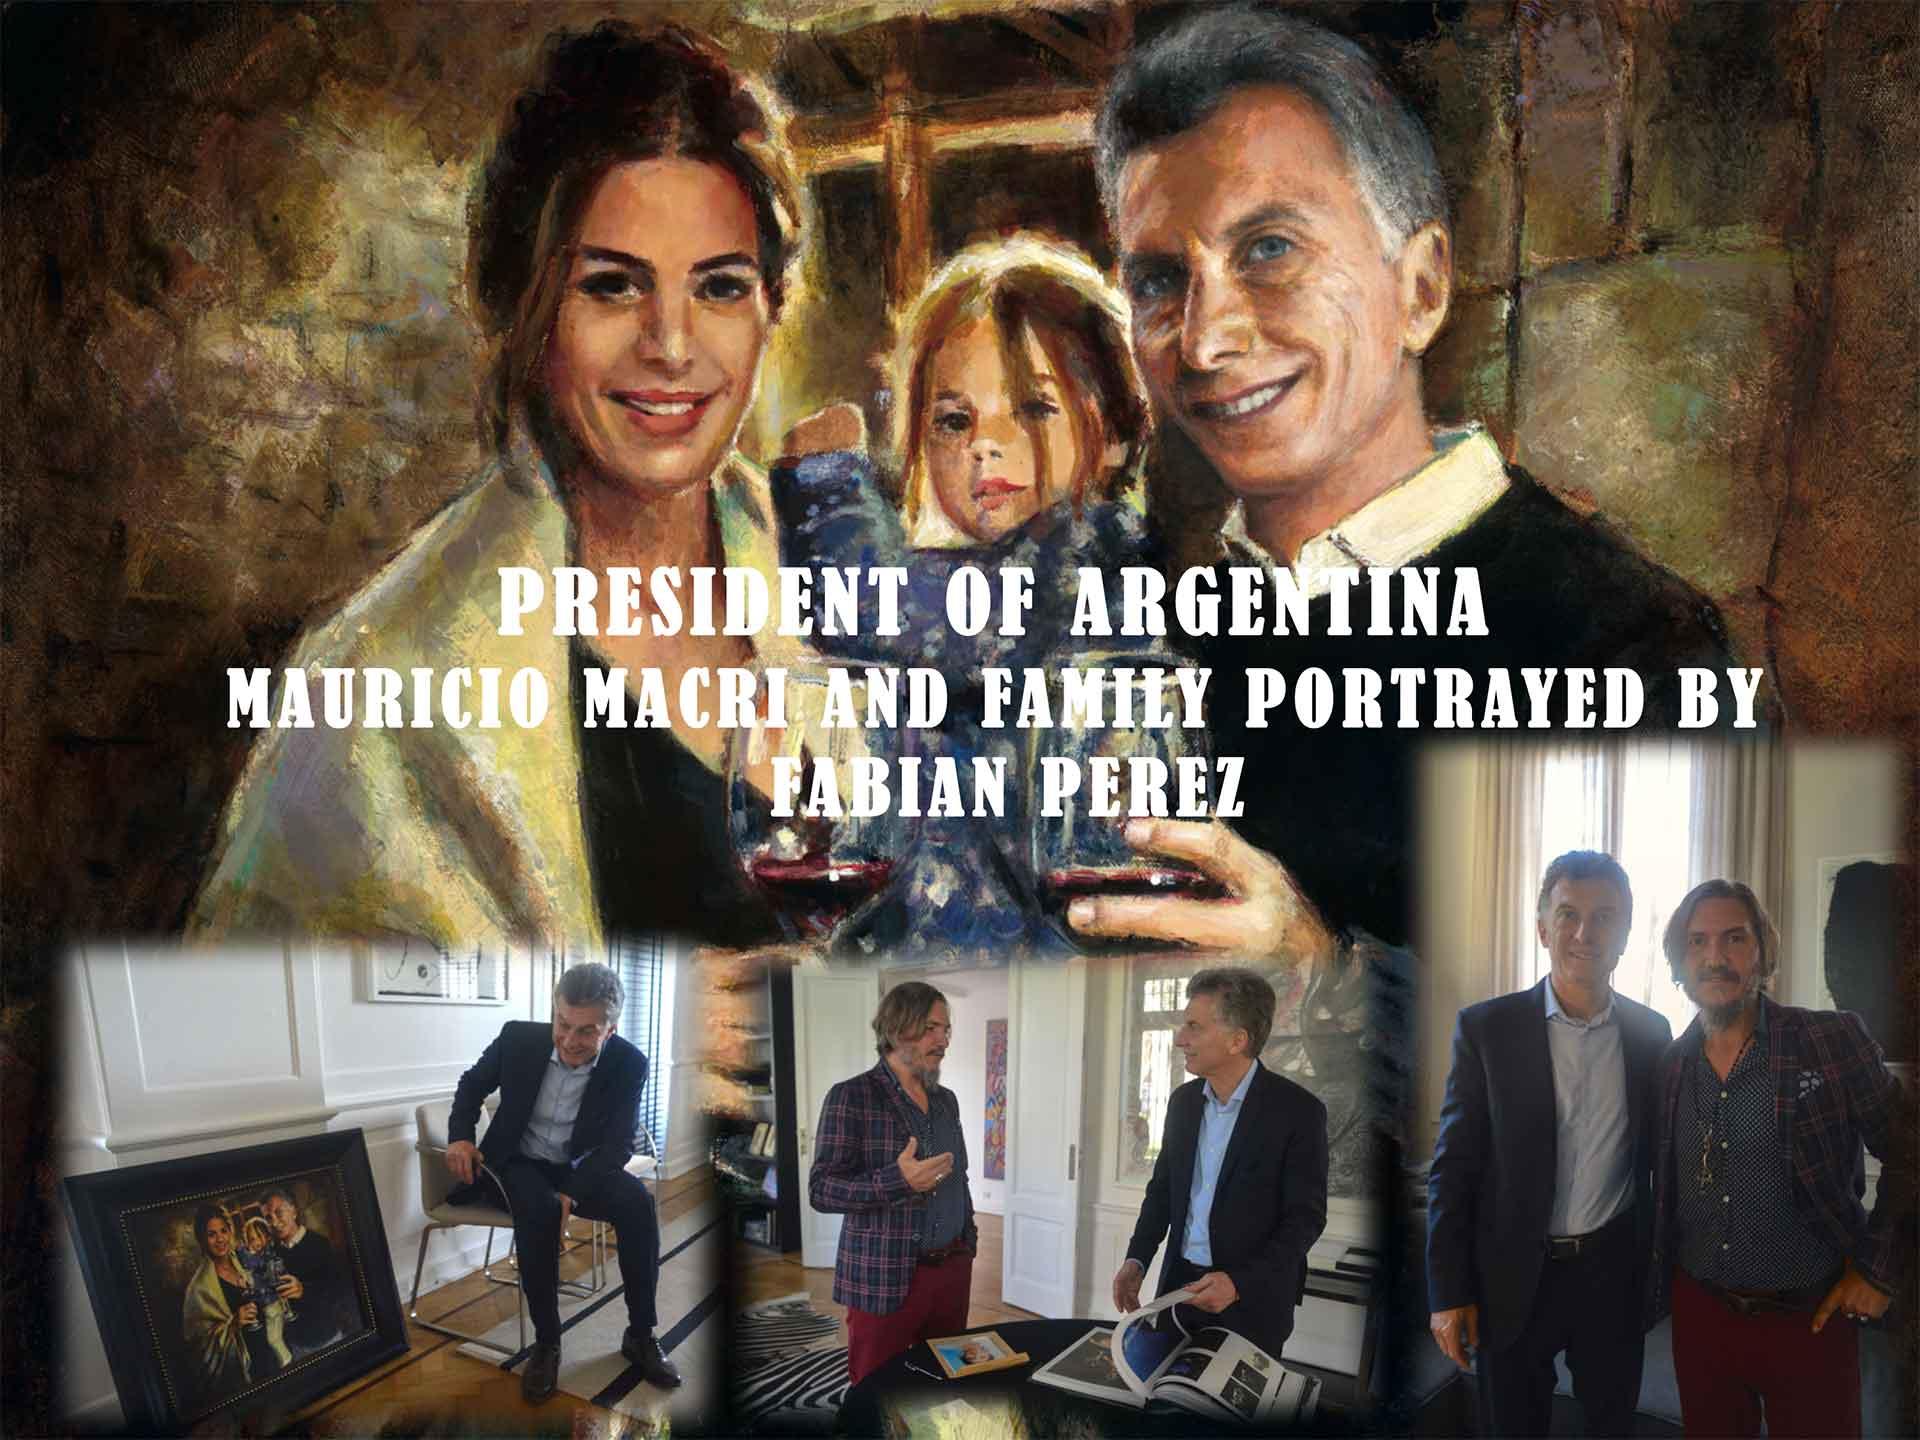 mauricio macri family portrait by fabian perez